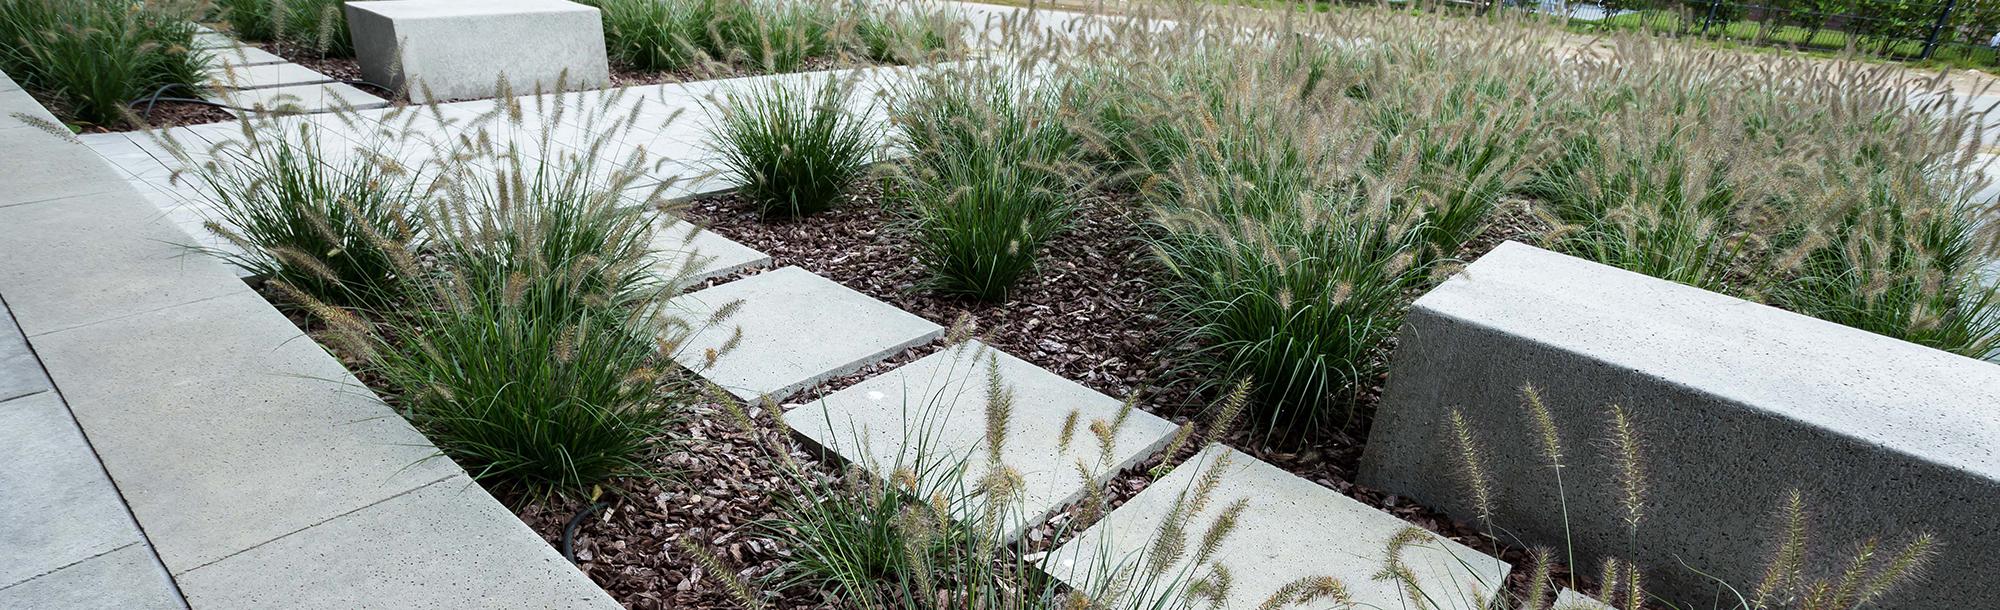 Garten und Landschaftsbau, Bocholt Innovatio Vorgarten und Auffahrt